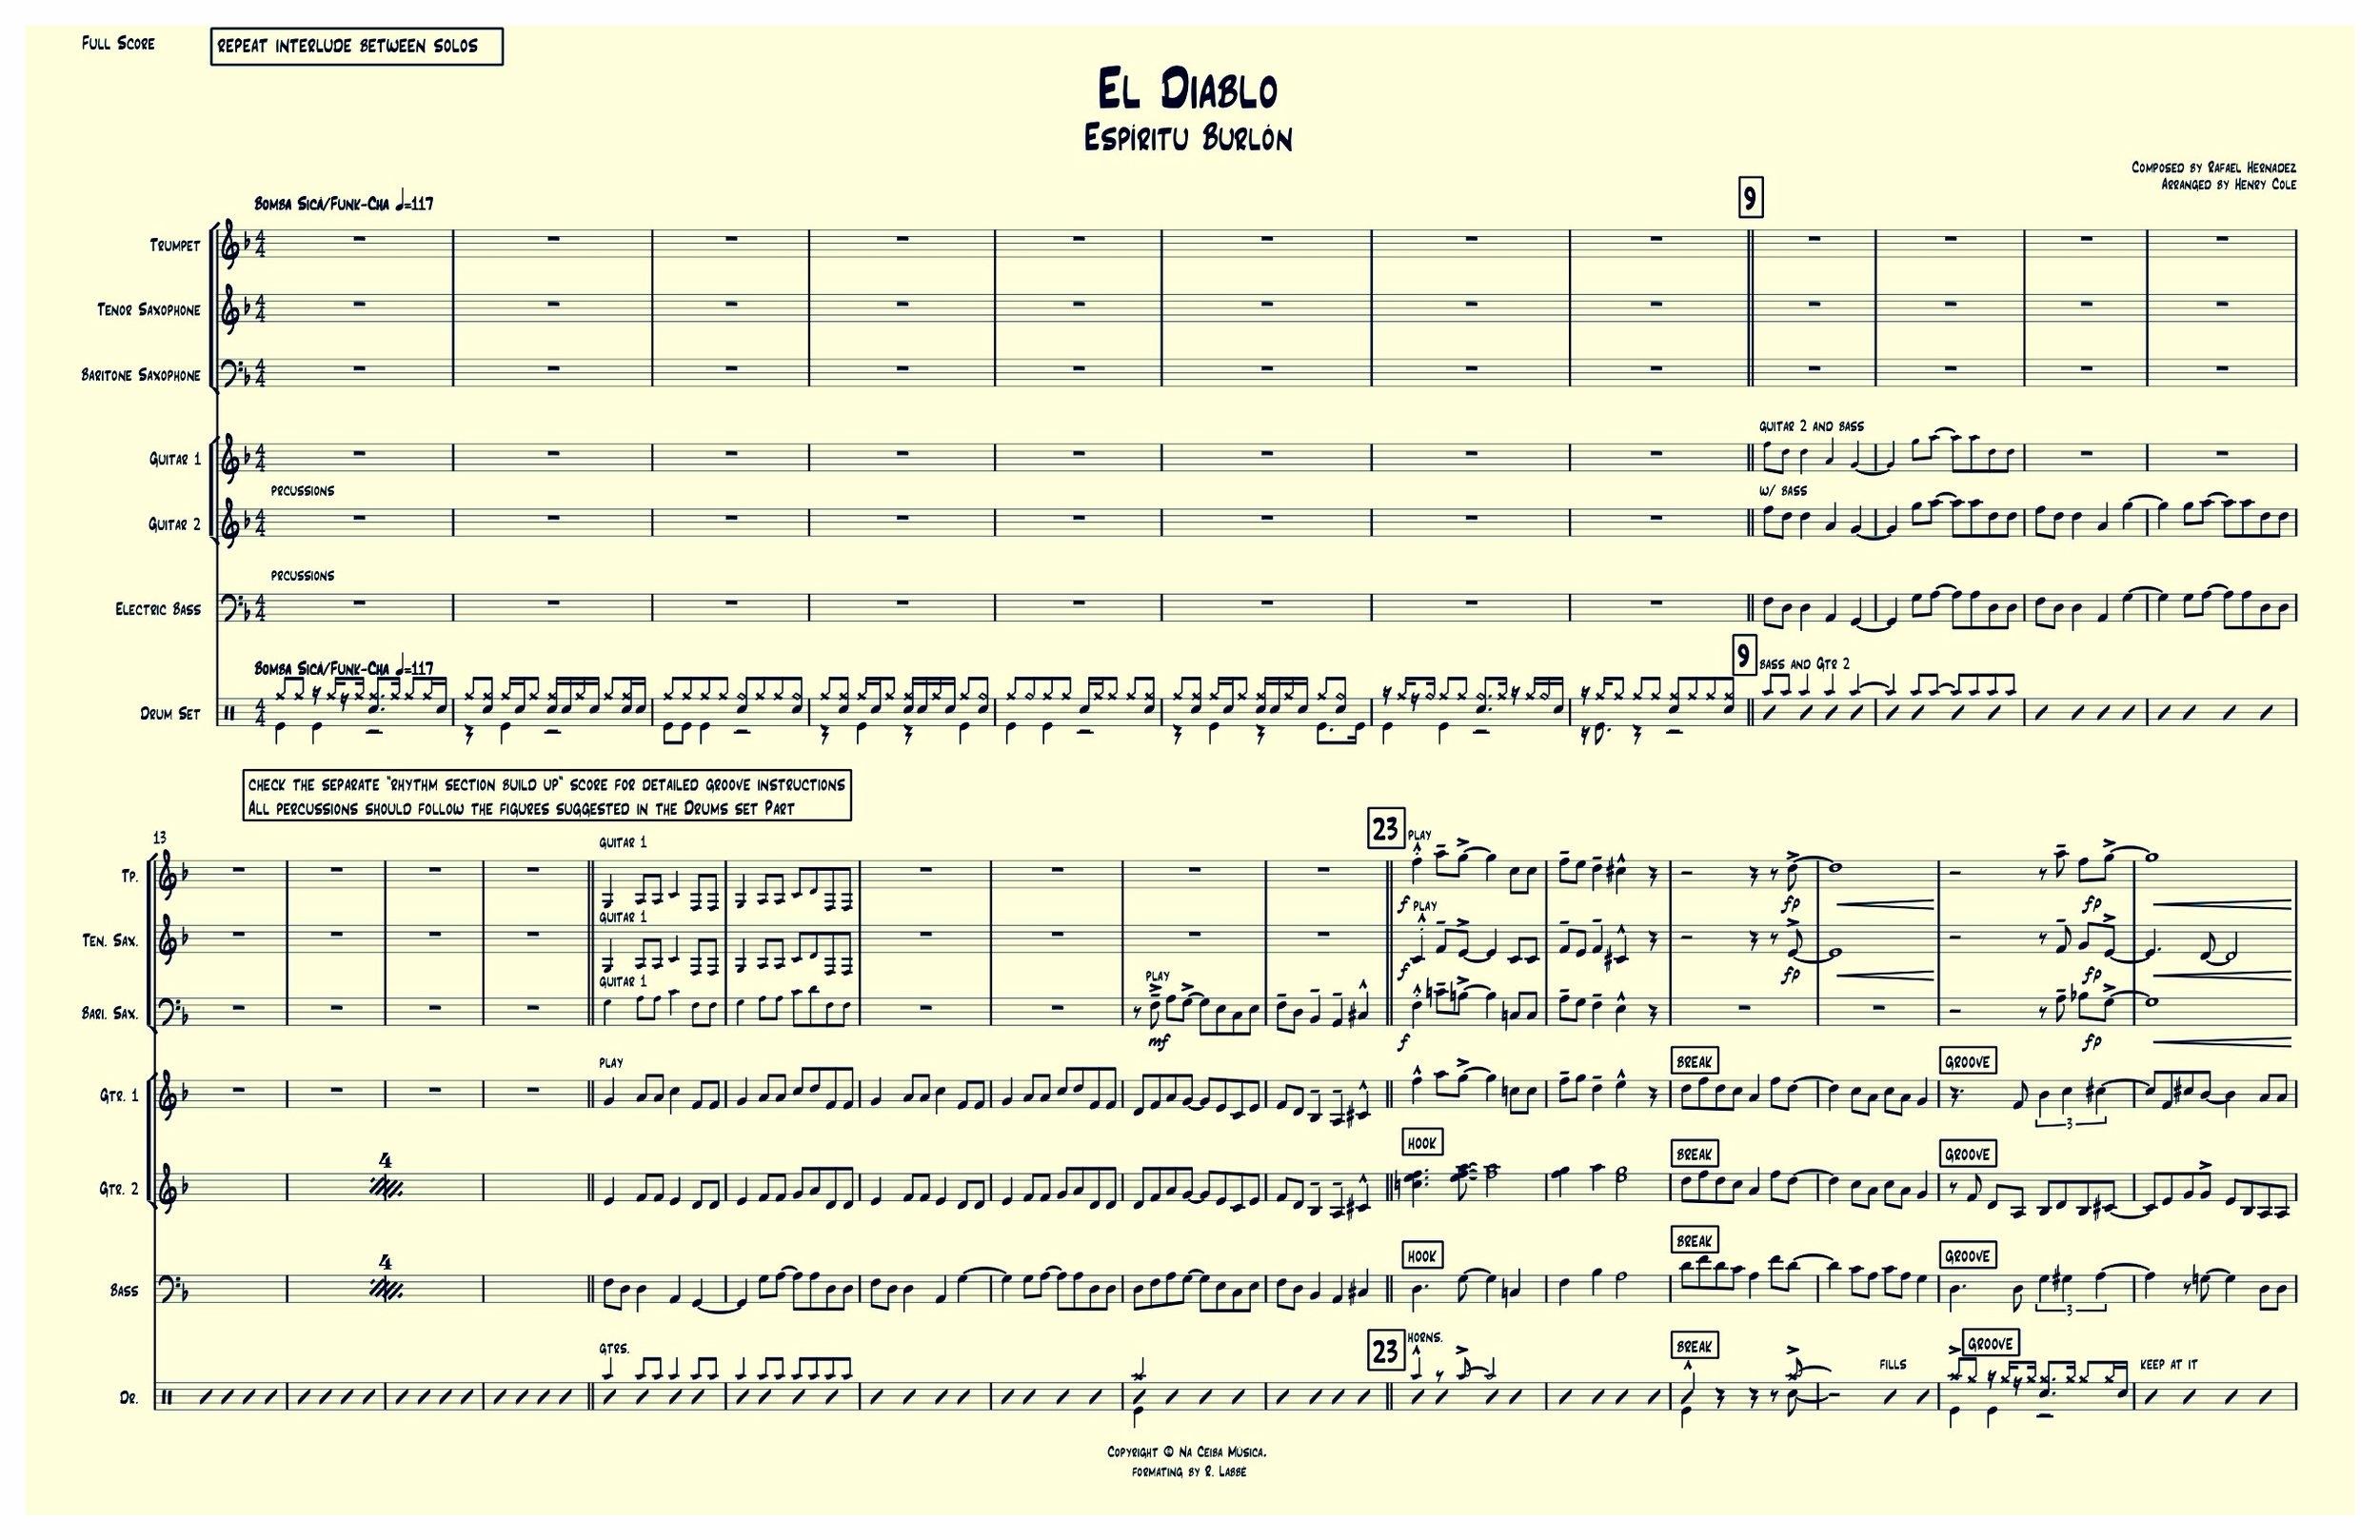 Diablo - Espiritu Burlon - Score and parts (dragged).jpg